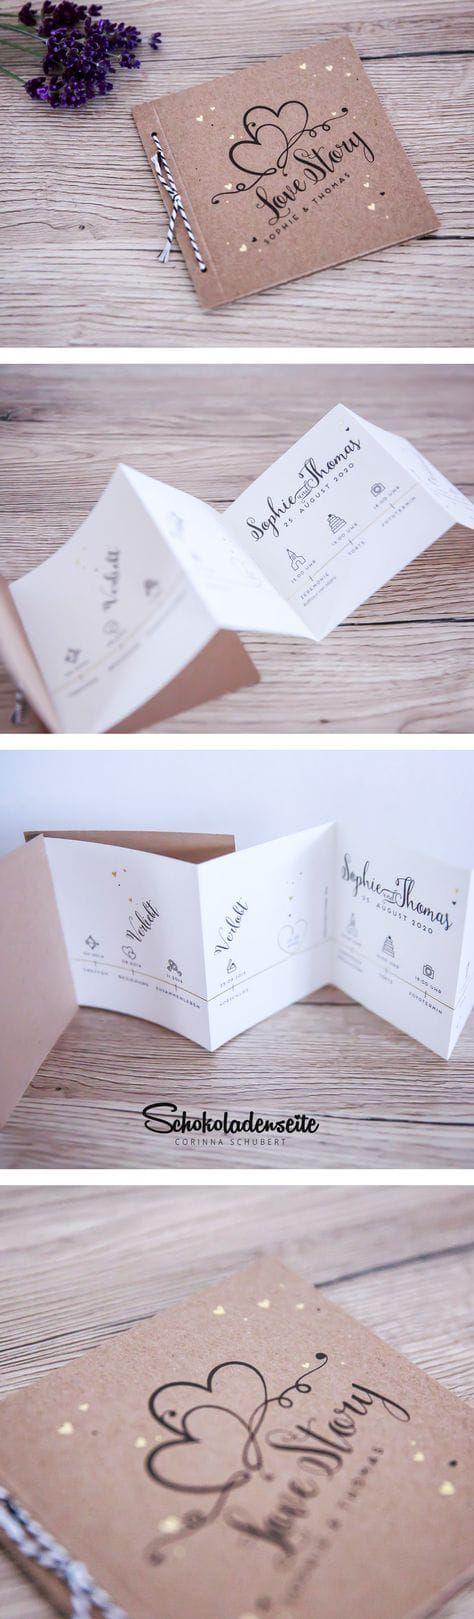 hochzeitseinladung hochzeit karte hochzeit einladungskarten hochzeit und einladungen hochzeit. Black Bedroom Furniture Sets. Home Design Ideas